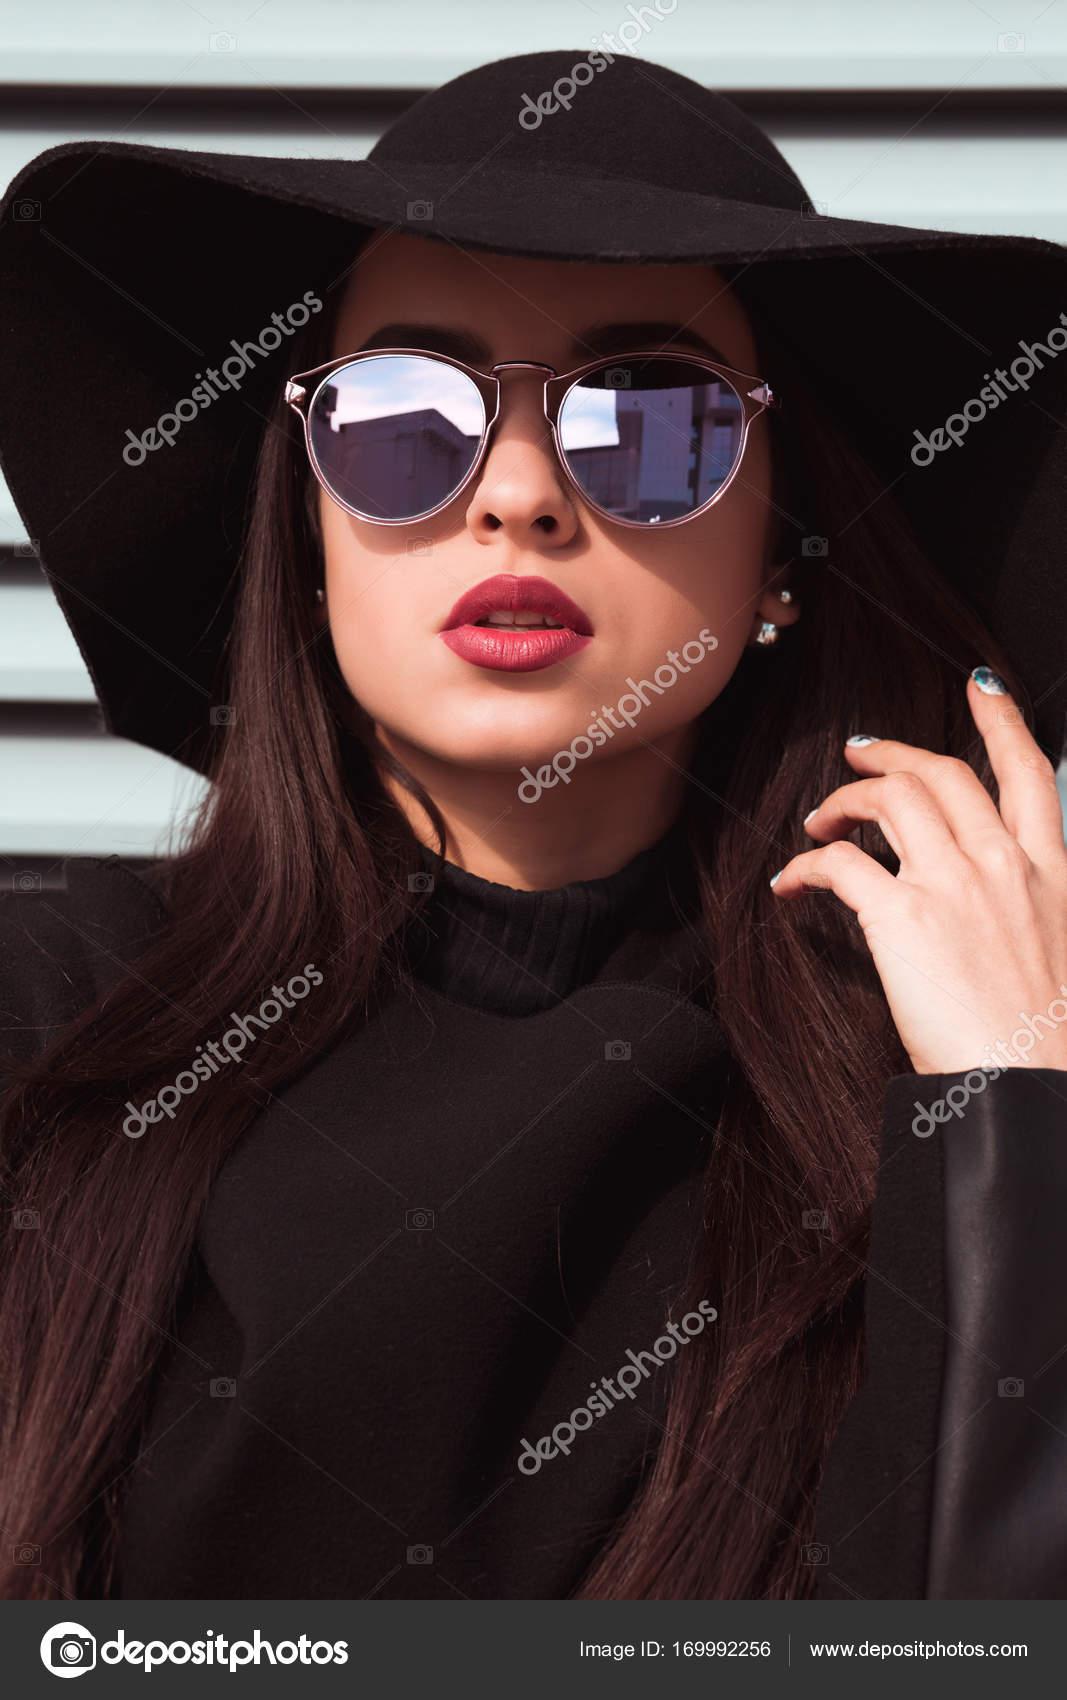 a19e0deb23 Closeup retrato de joven atractiva viste sombrero y gafas de sol. Mujer  posando en el fondo de persianas en día soleado - mujeres con sombrero y  lentes ...